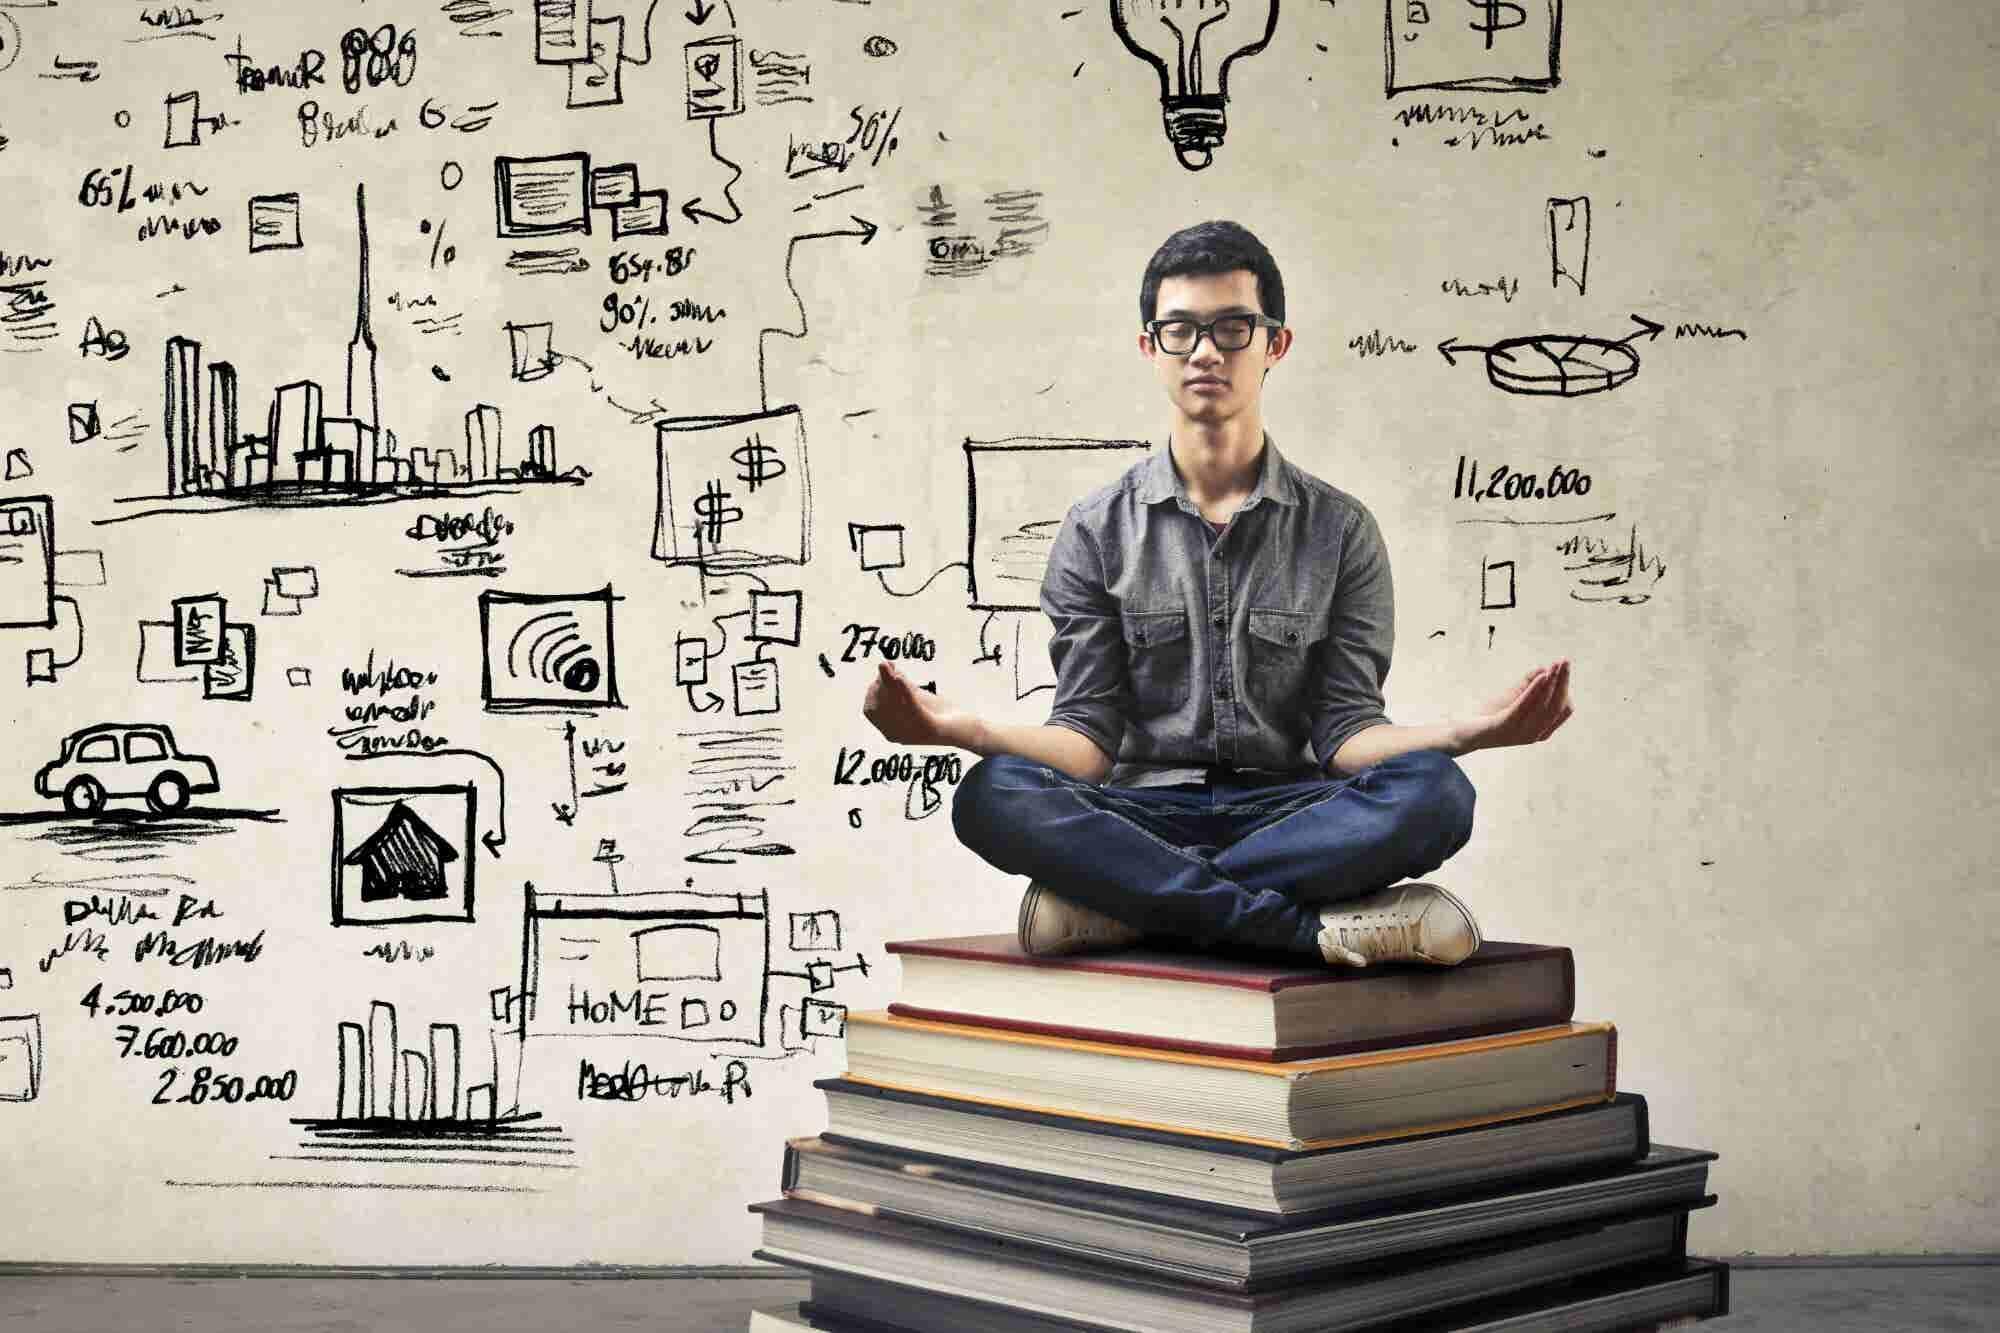 Los 5 hábitos que necesitas desarrollar para ser mentalmente más fuerte